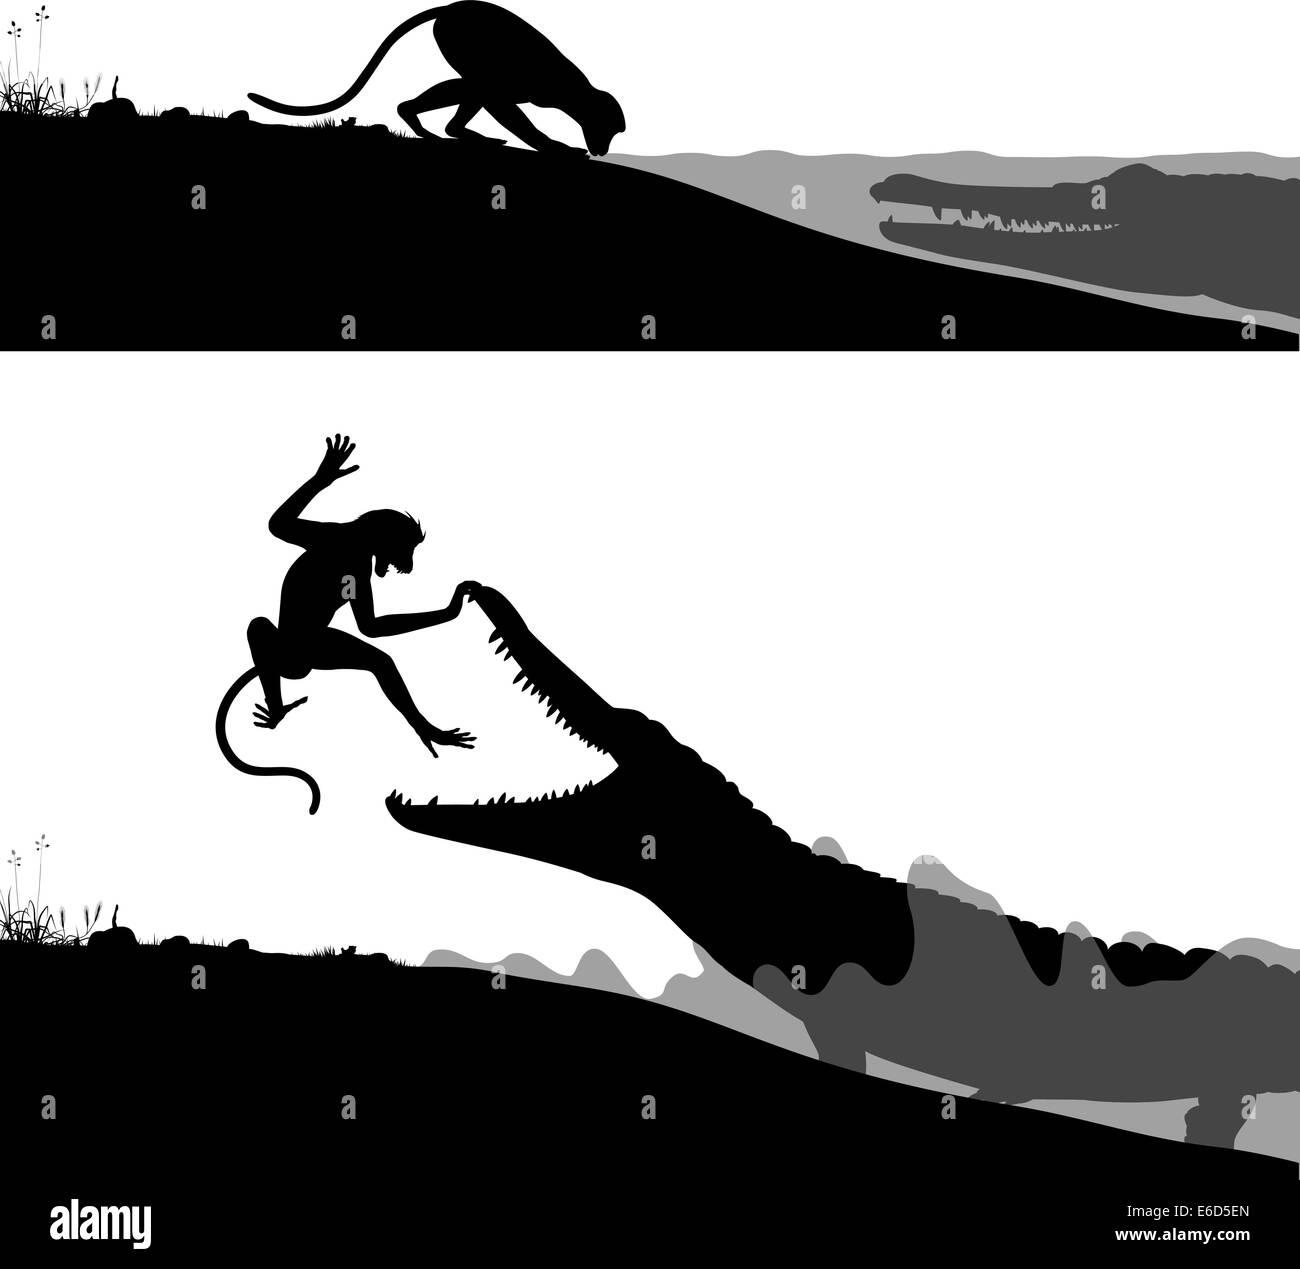 Silhouettes vecteur modifiable d'un crocodile un singe assoiffé de chasse Photo Stock